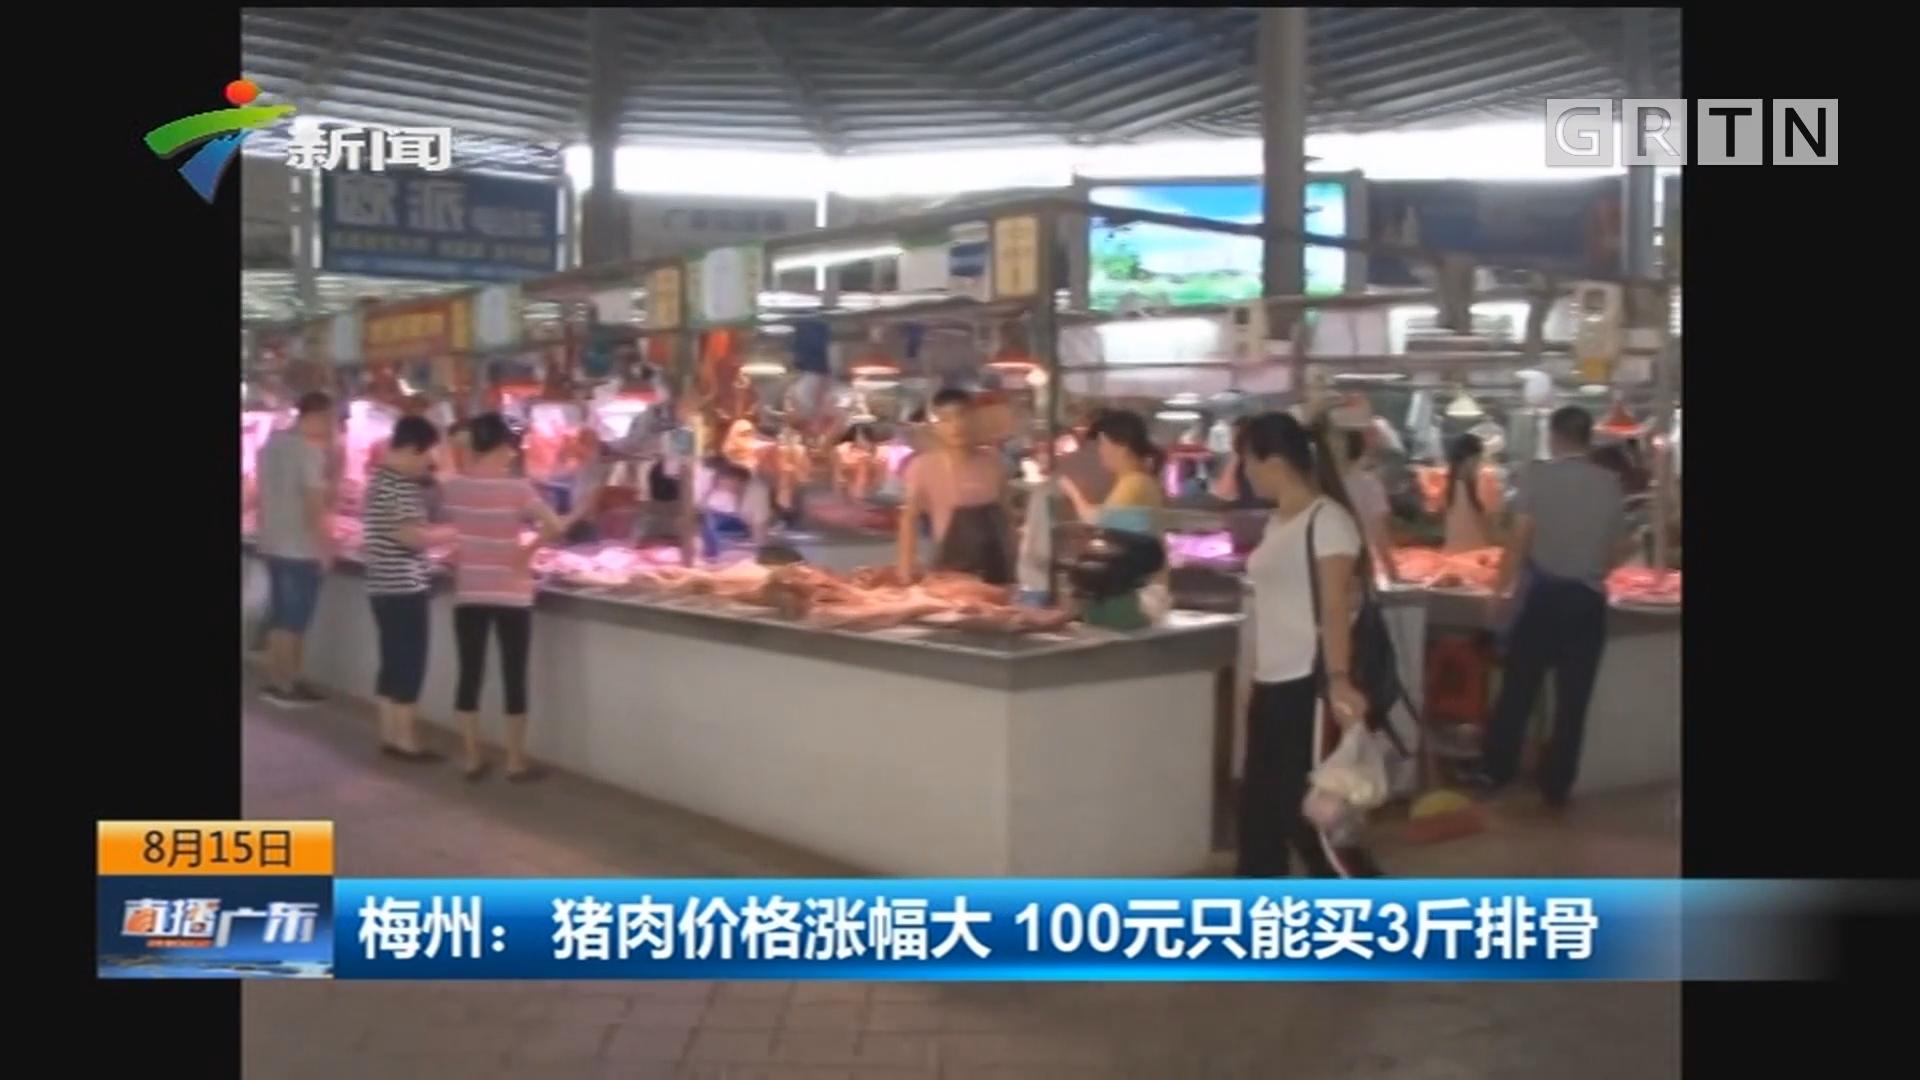 梅州:猪肉价格涨幅大 100元只能买3斤排骨